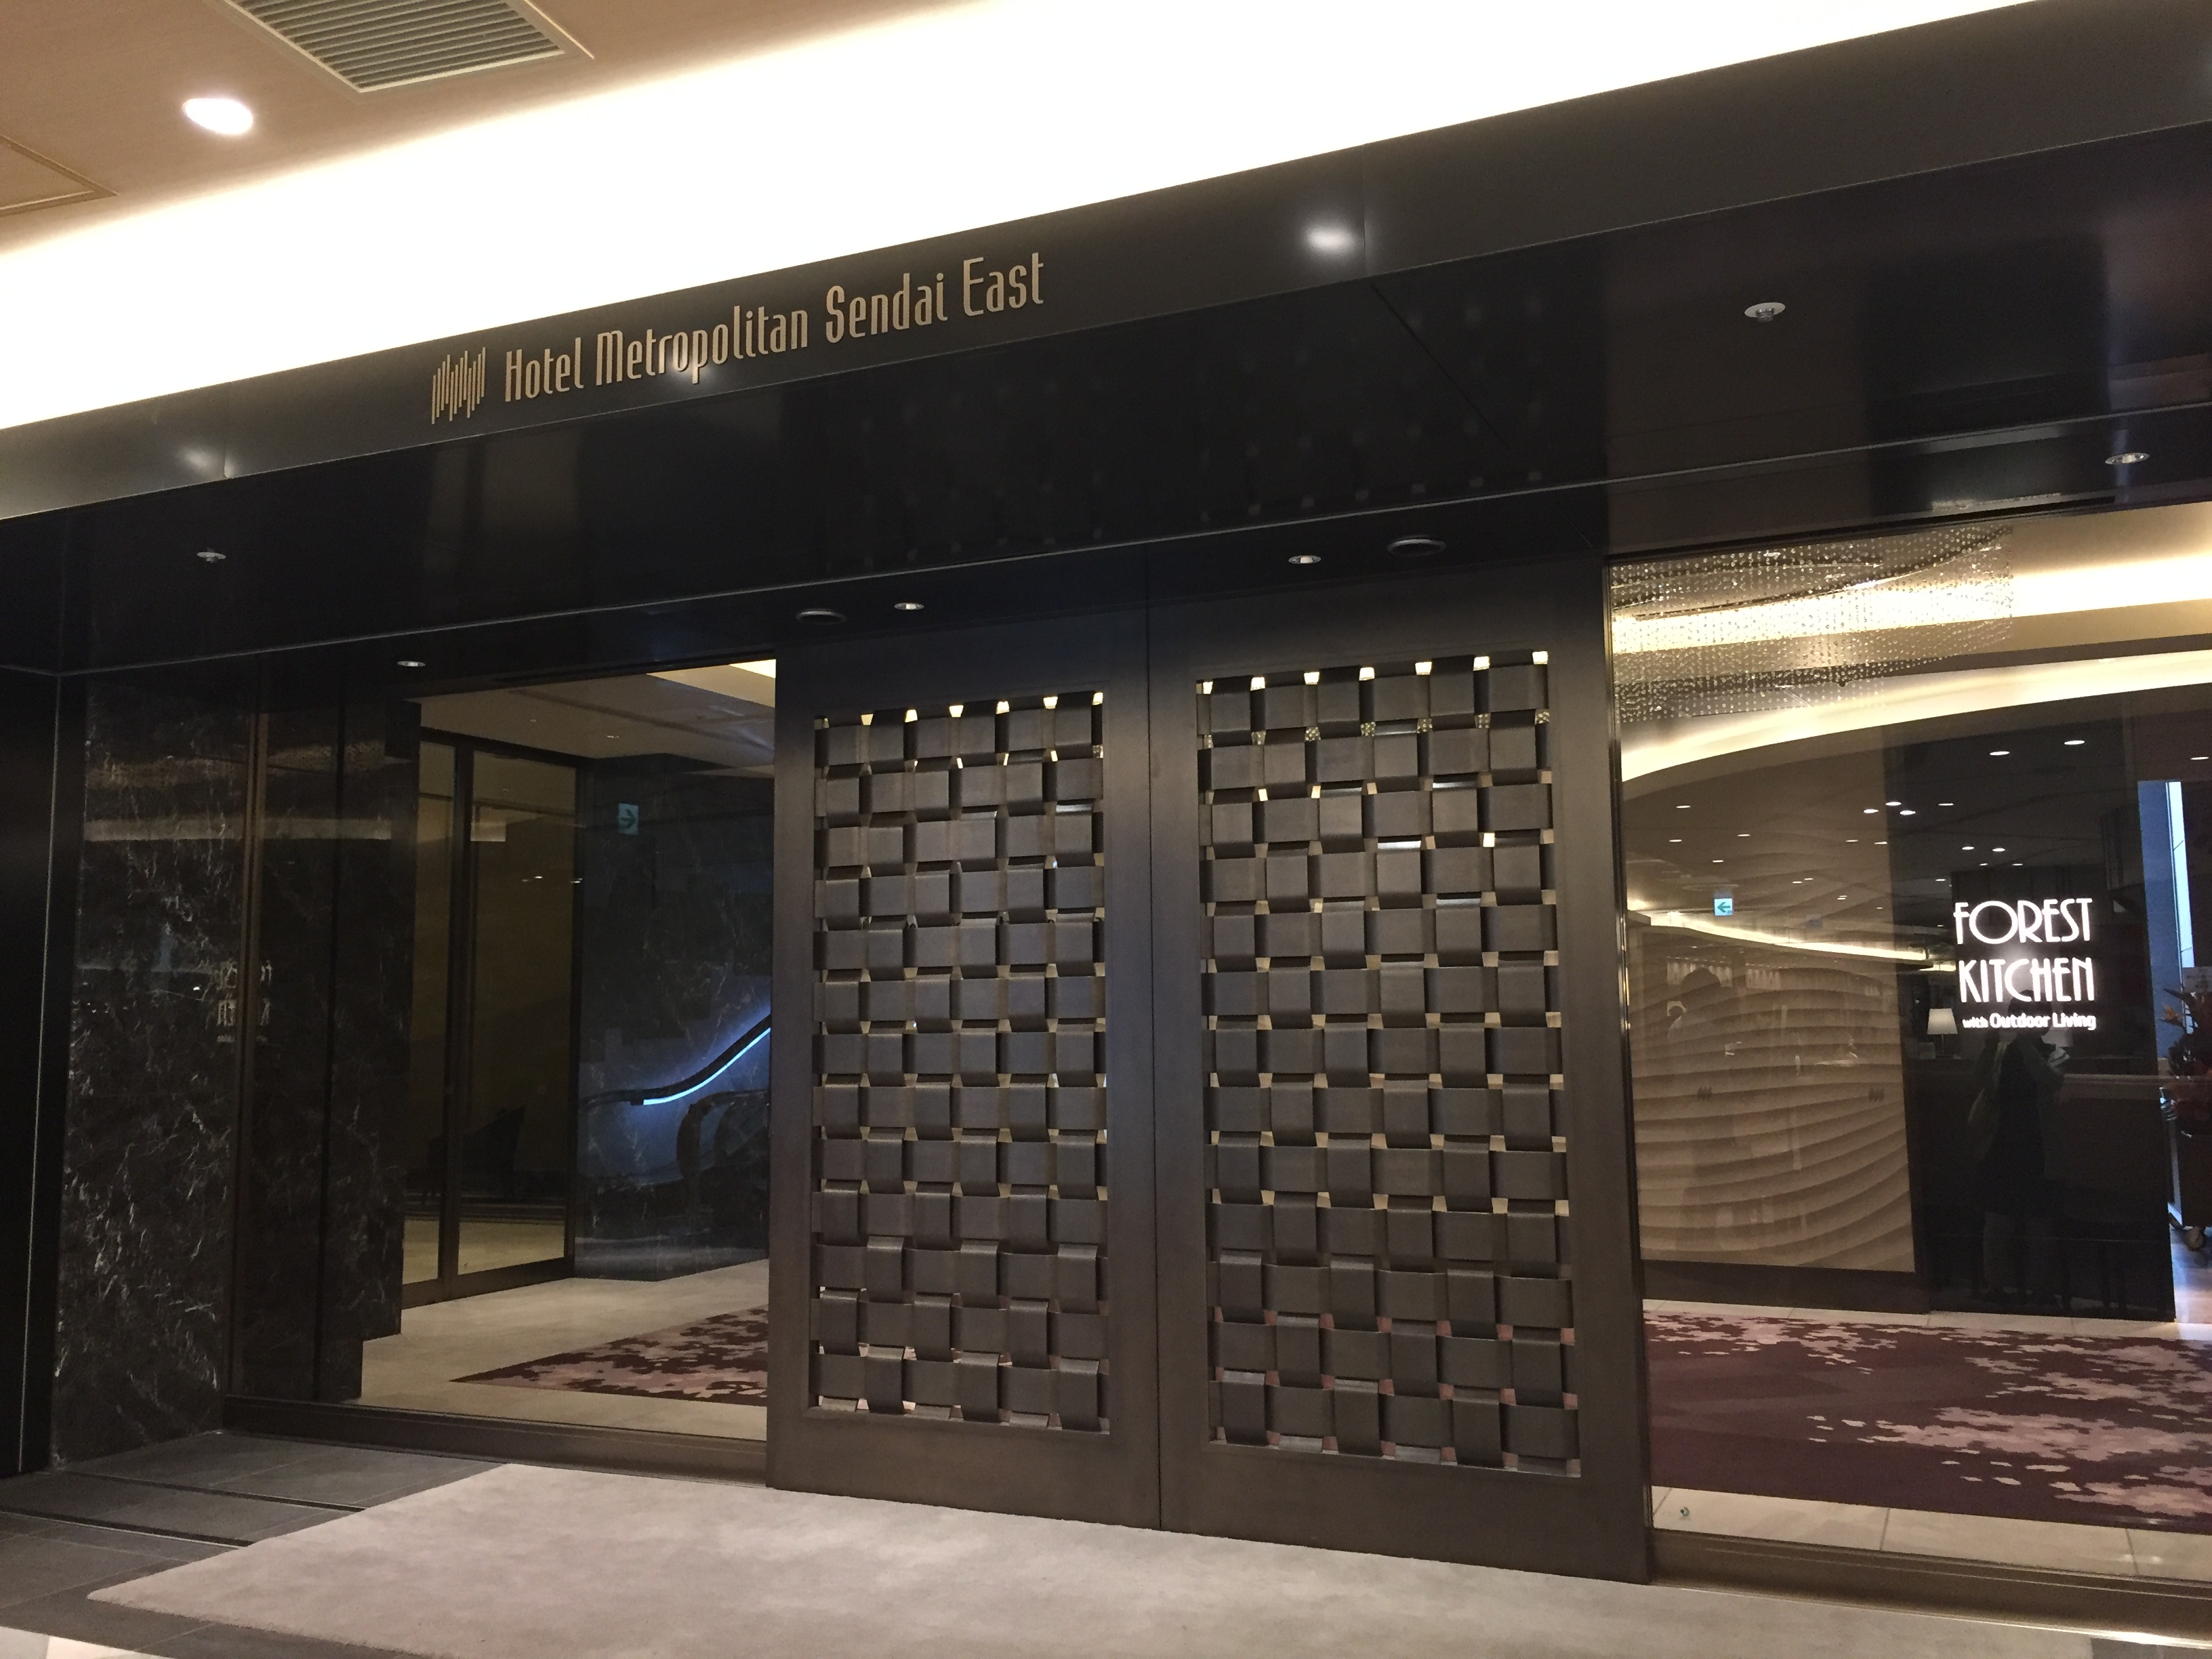 ホテルメトロポリタン仙台イーストのランチ フォレスト ...